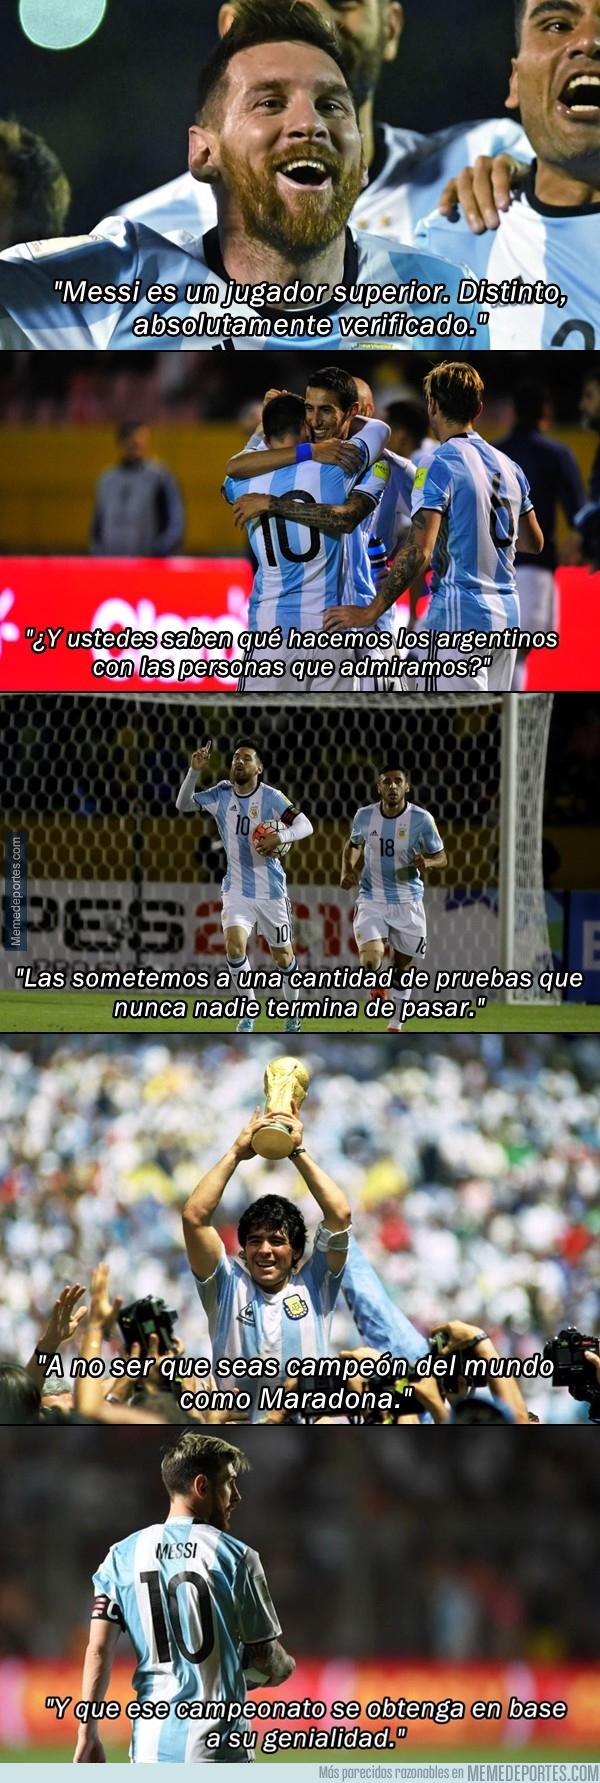 1003344 - Reflexión de Marcelo Bielsa sobre Messi y los argentinos